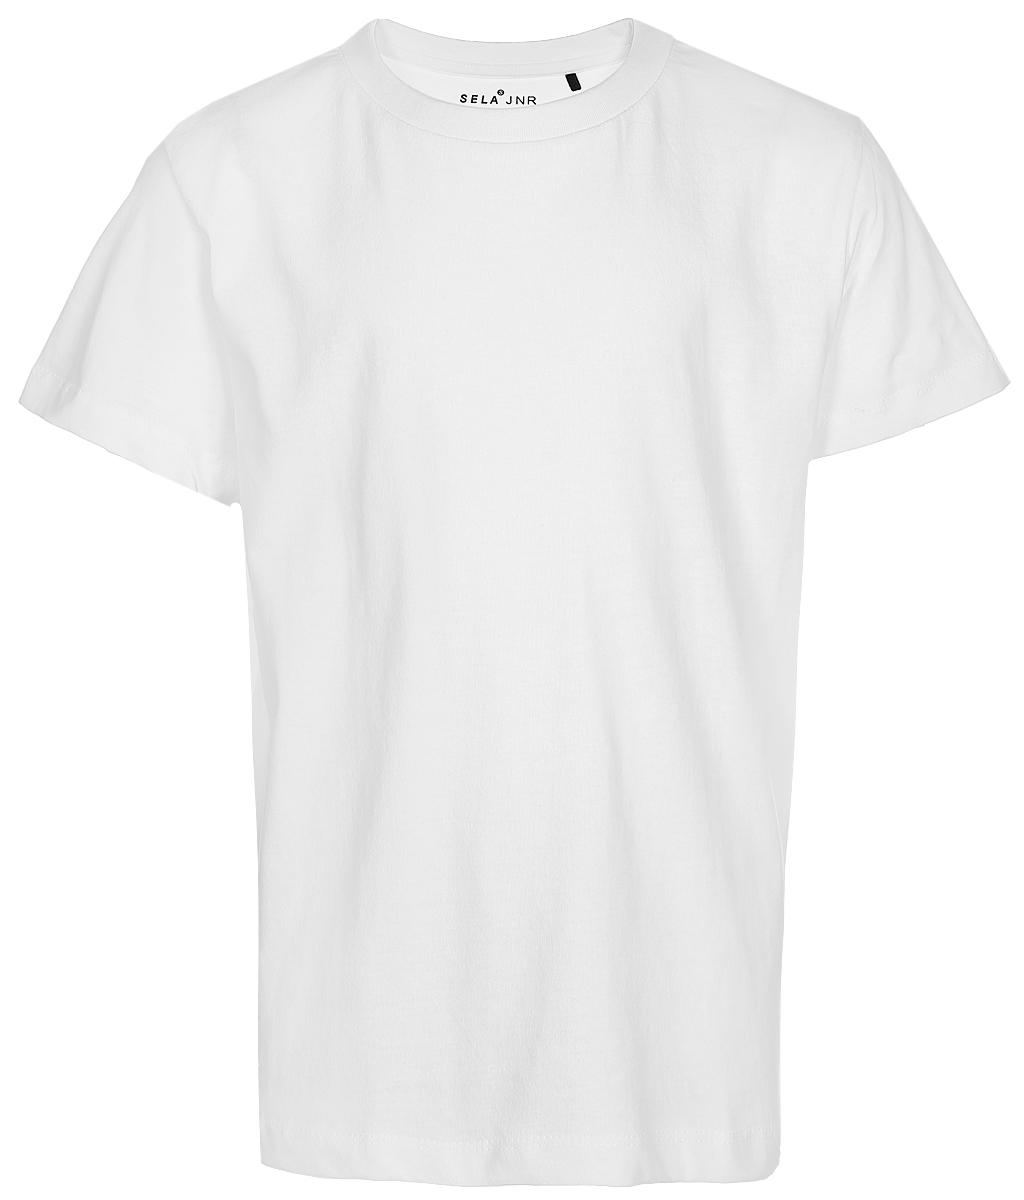 Футболка для мальчика Sela, цвет: белый. Ts-811/1090-7340. Размер 122Ts-811/1090-7340Классическая футболка для мальчика Sela станет отличным дополнением к повседневному гардеробу. Модель прямого кроя с короткими рукавами изготовлена из натурального хлопка. Круглый вырез горловины дополнен мягкой трикотажной резинкой. Модель подойдет для занятий спортом, прогулок и дружеских встреч, а универсальный цвет позволит сочетать ее с любой одеждой.